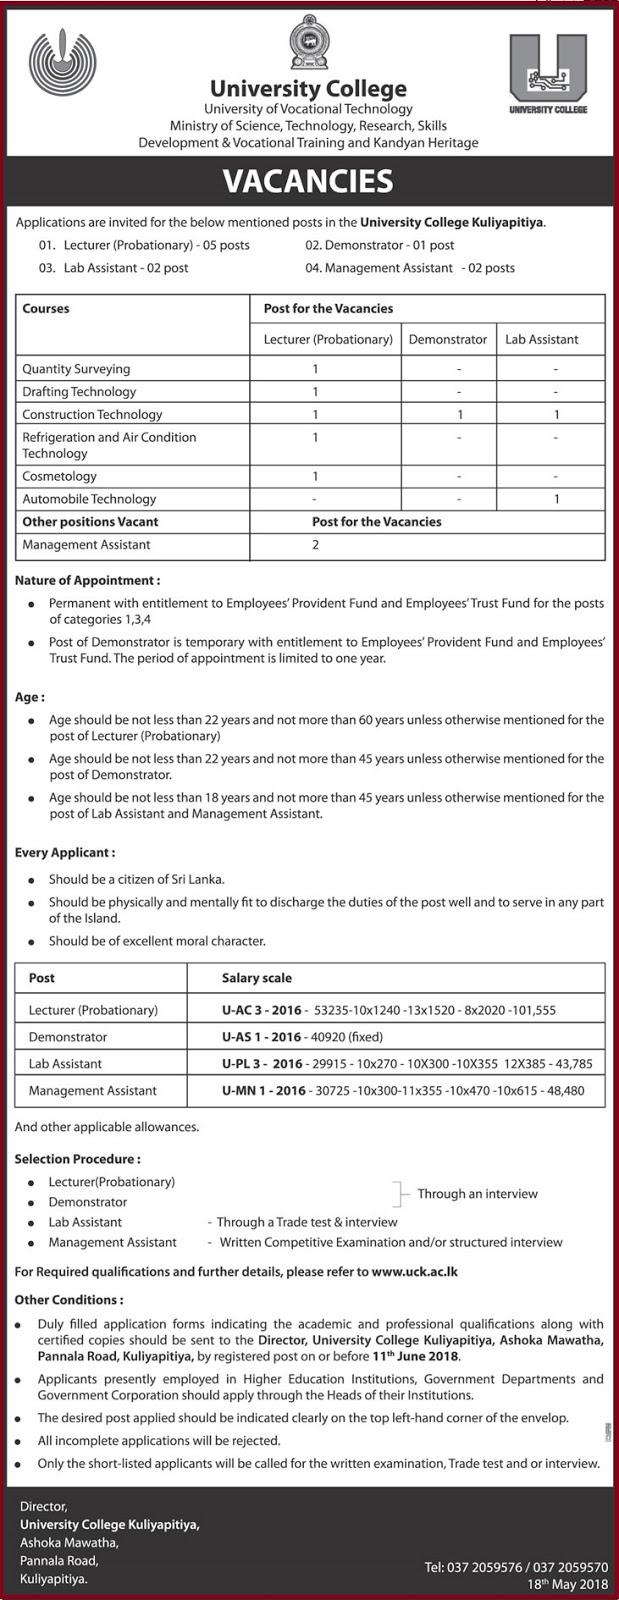 University College Vacancies